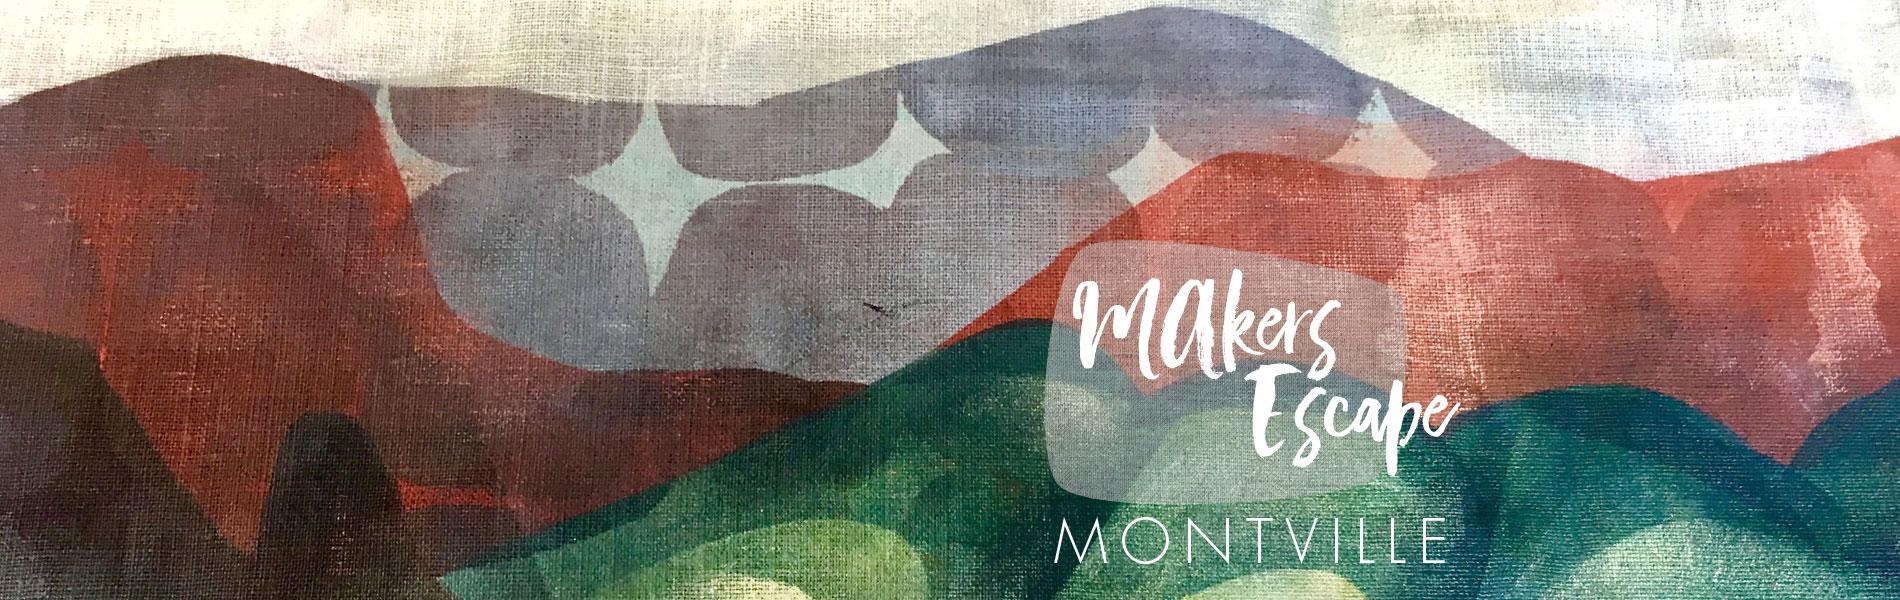 Makers Escape Montville